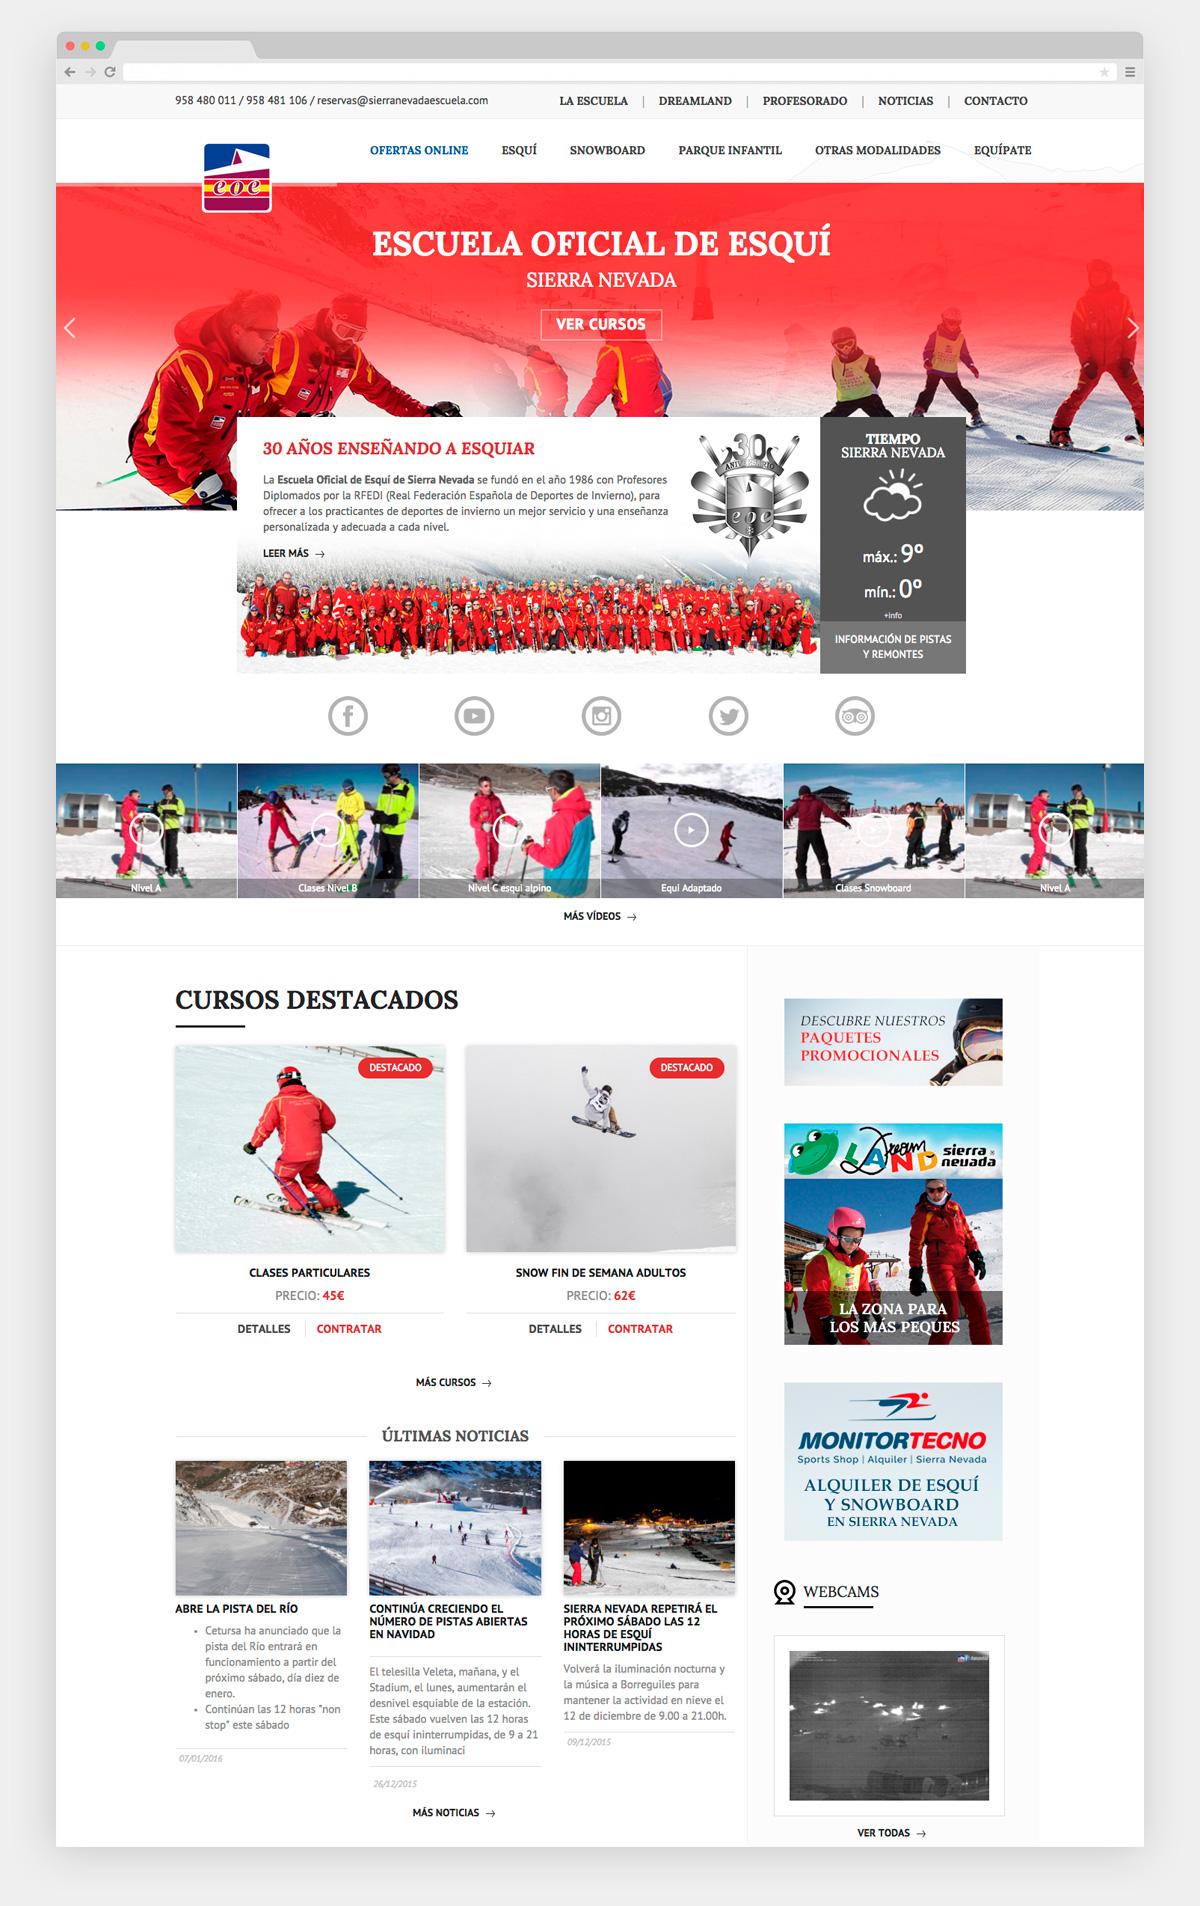 Imagen adicional 1 del proyecto Escuela oficial de esquí Sierra Nevada